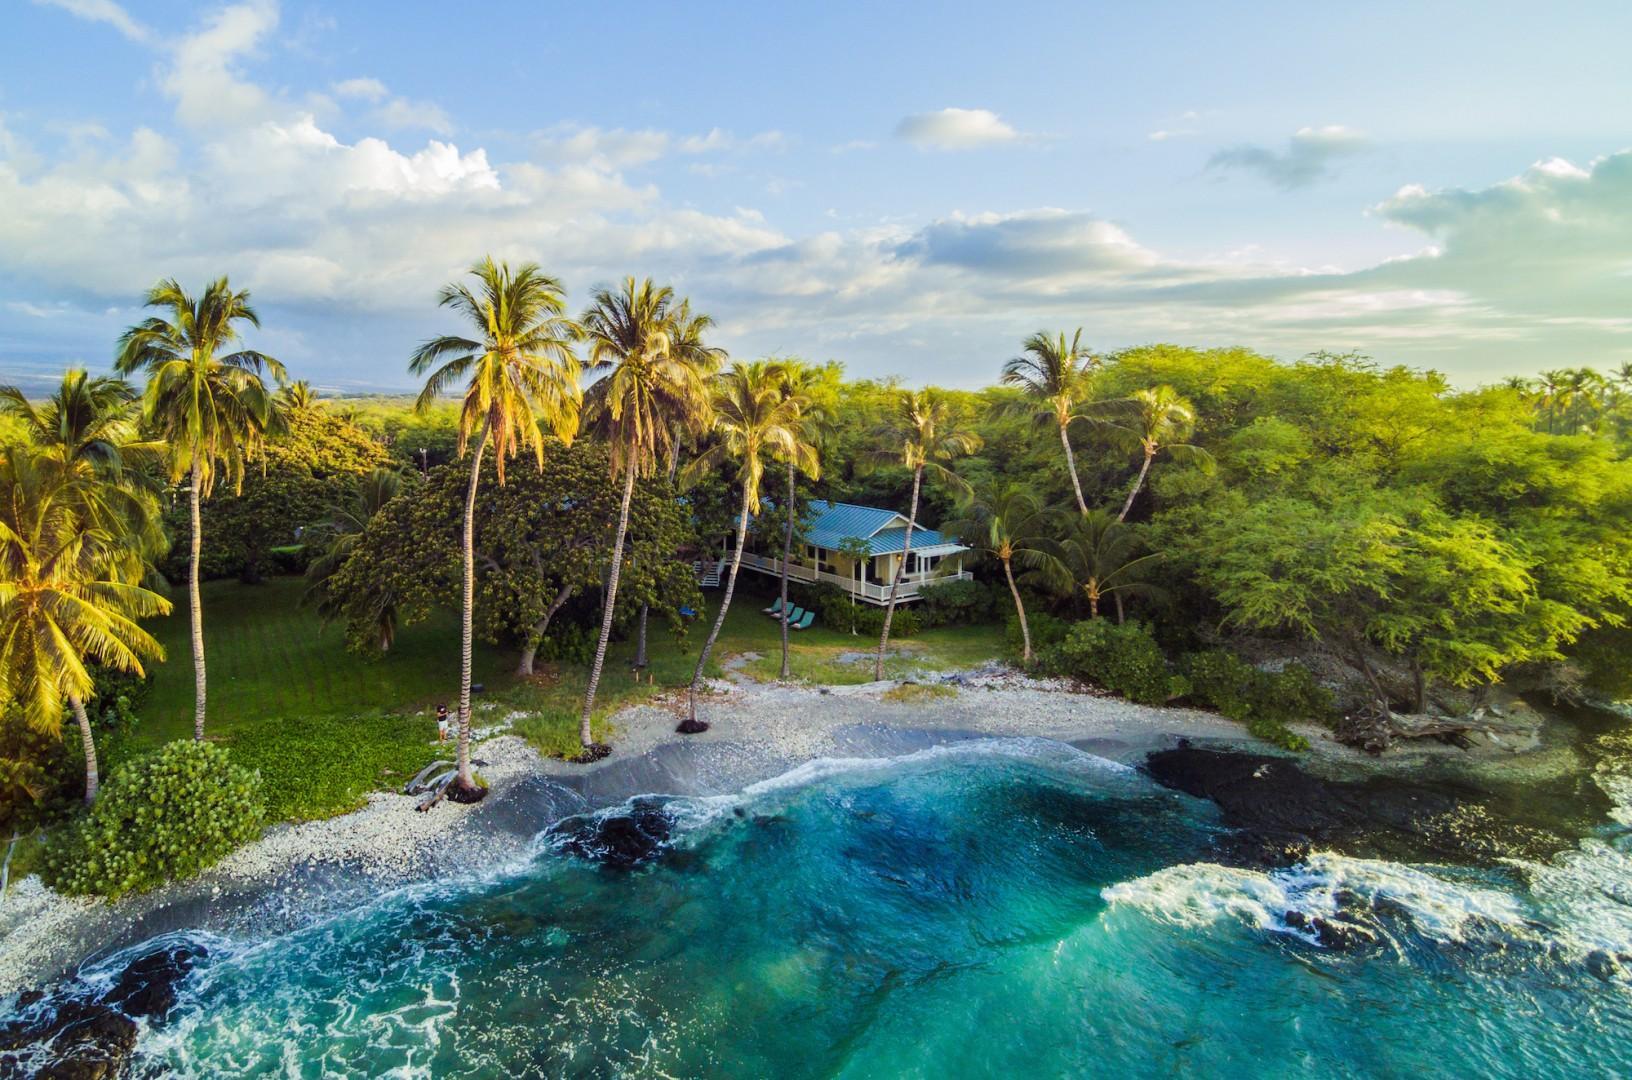 Idyllic Beachfront Locale Nestled Among Lush Tropical Greenery